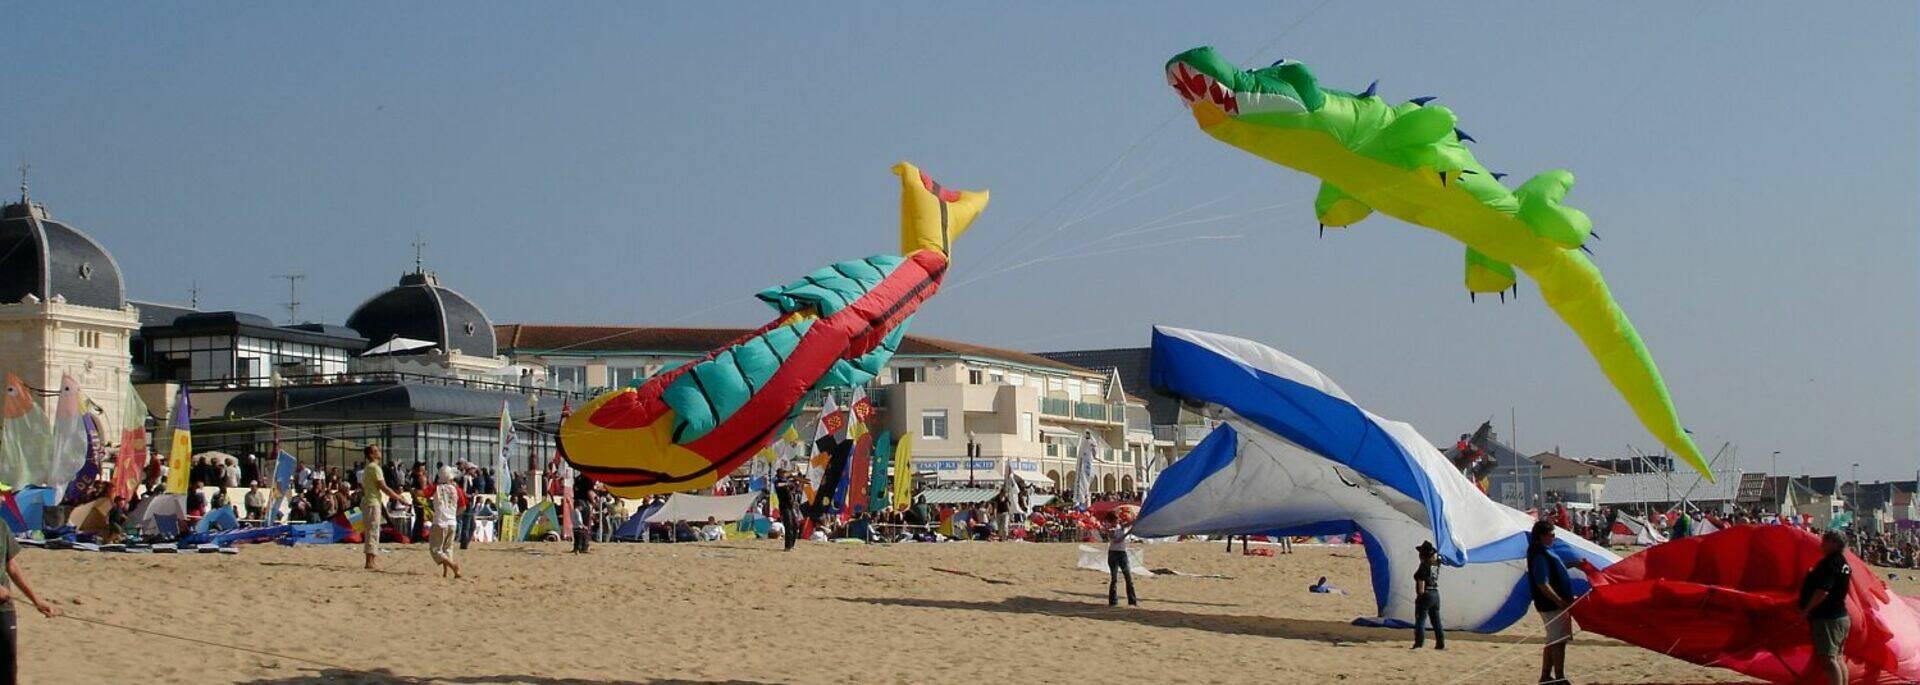 Festival International de cerf-volants sur la plage de Châtelaillon © Cécile TRIBALLIER / CMT